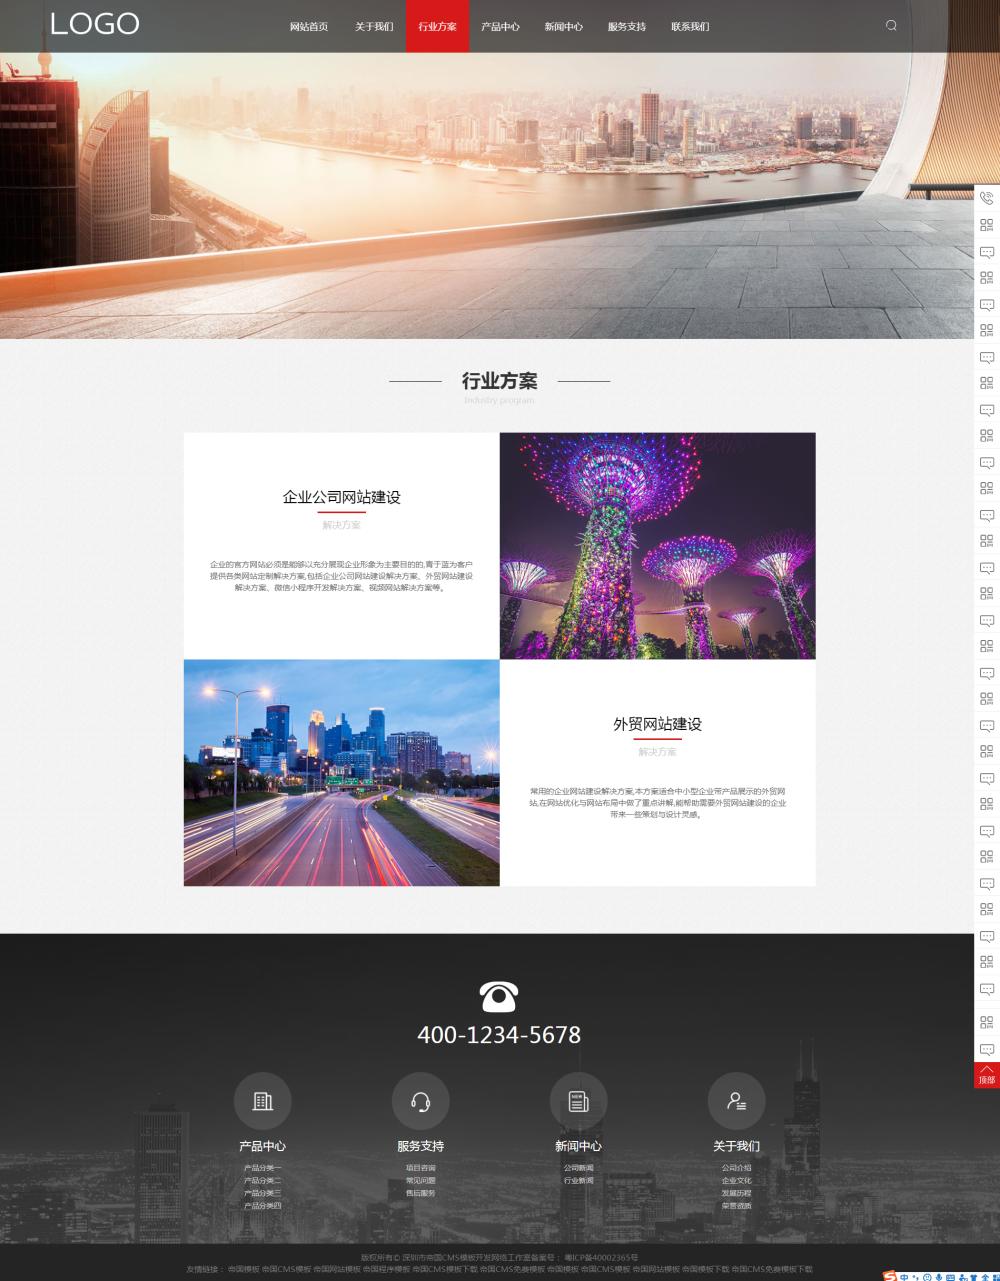 3行业方案.png [DG-0137]帝国CMS响应式建站设计类帝国cms模板,高端自适应网络公司帝国网站源码 企业模板 第3张